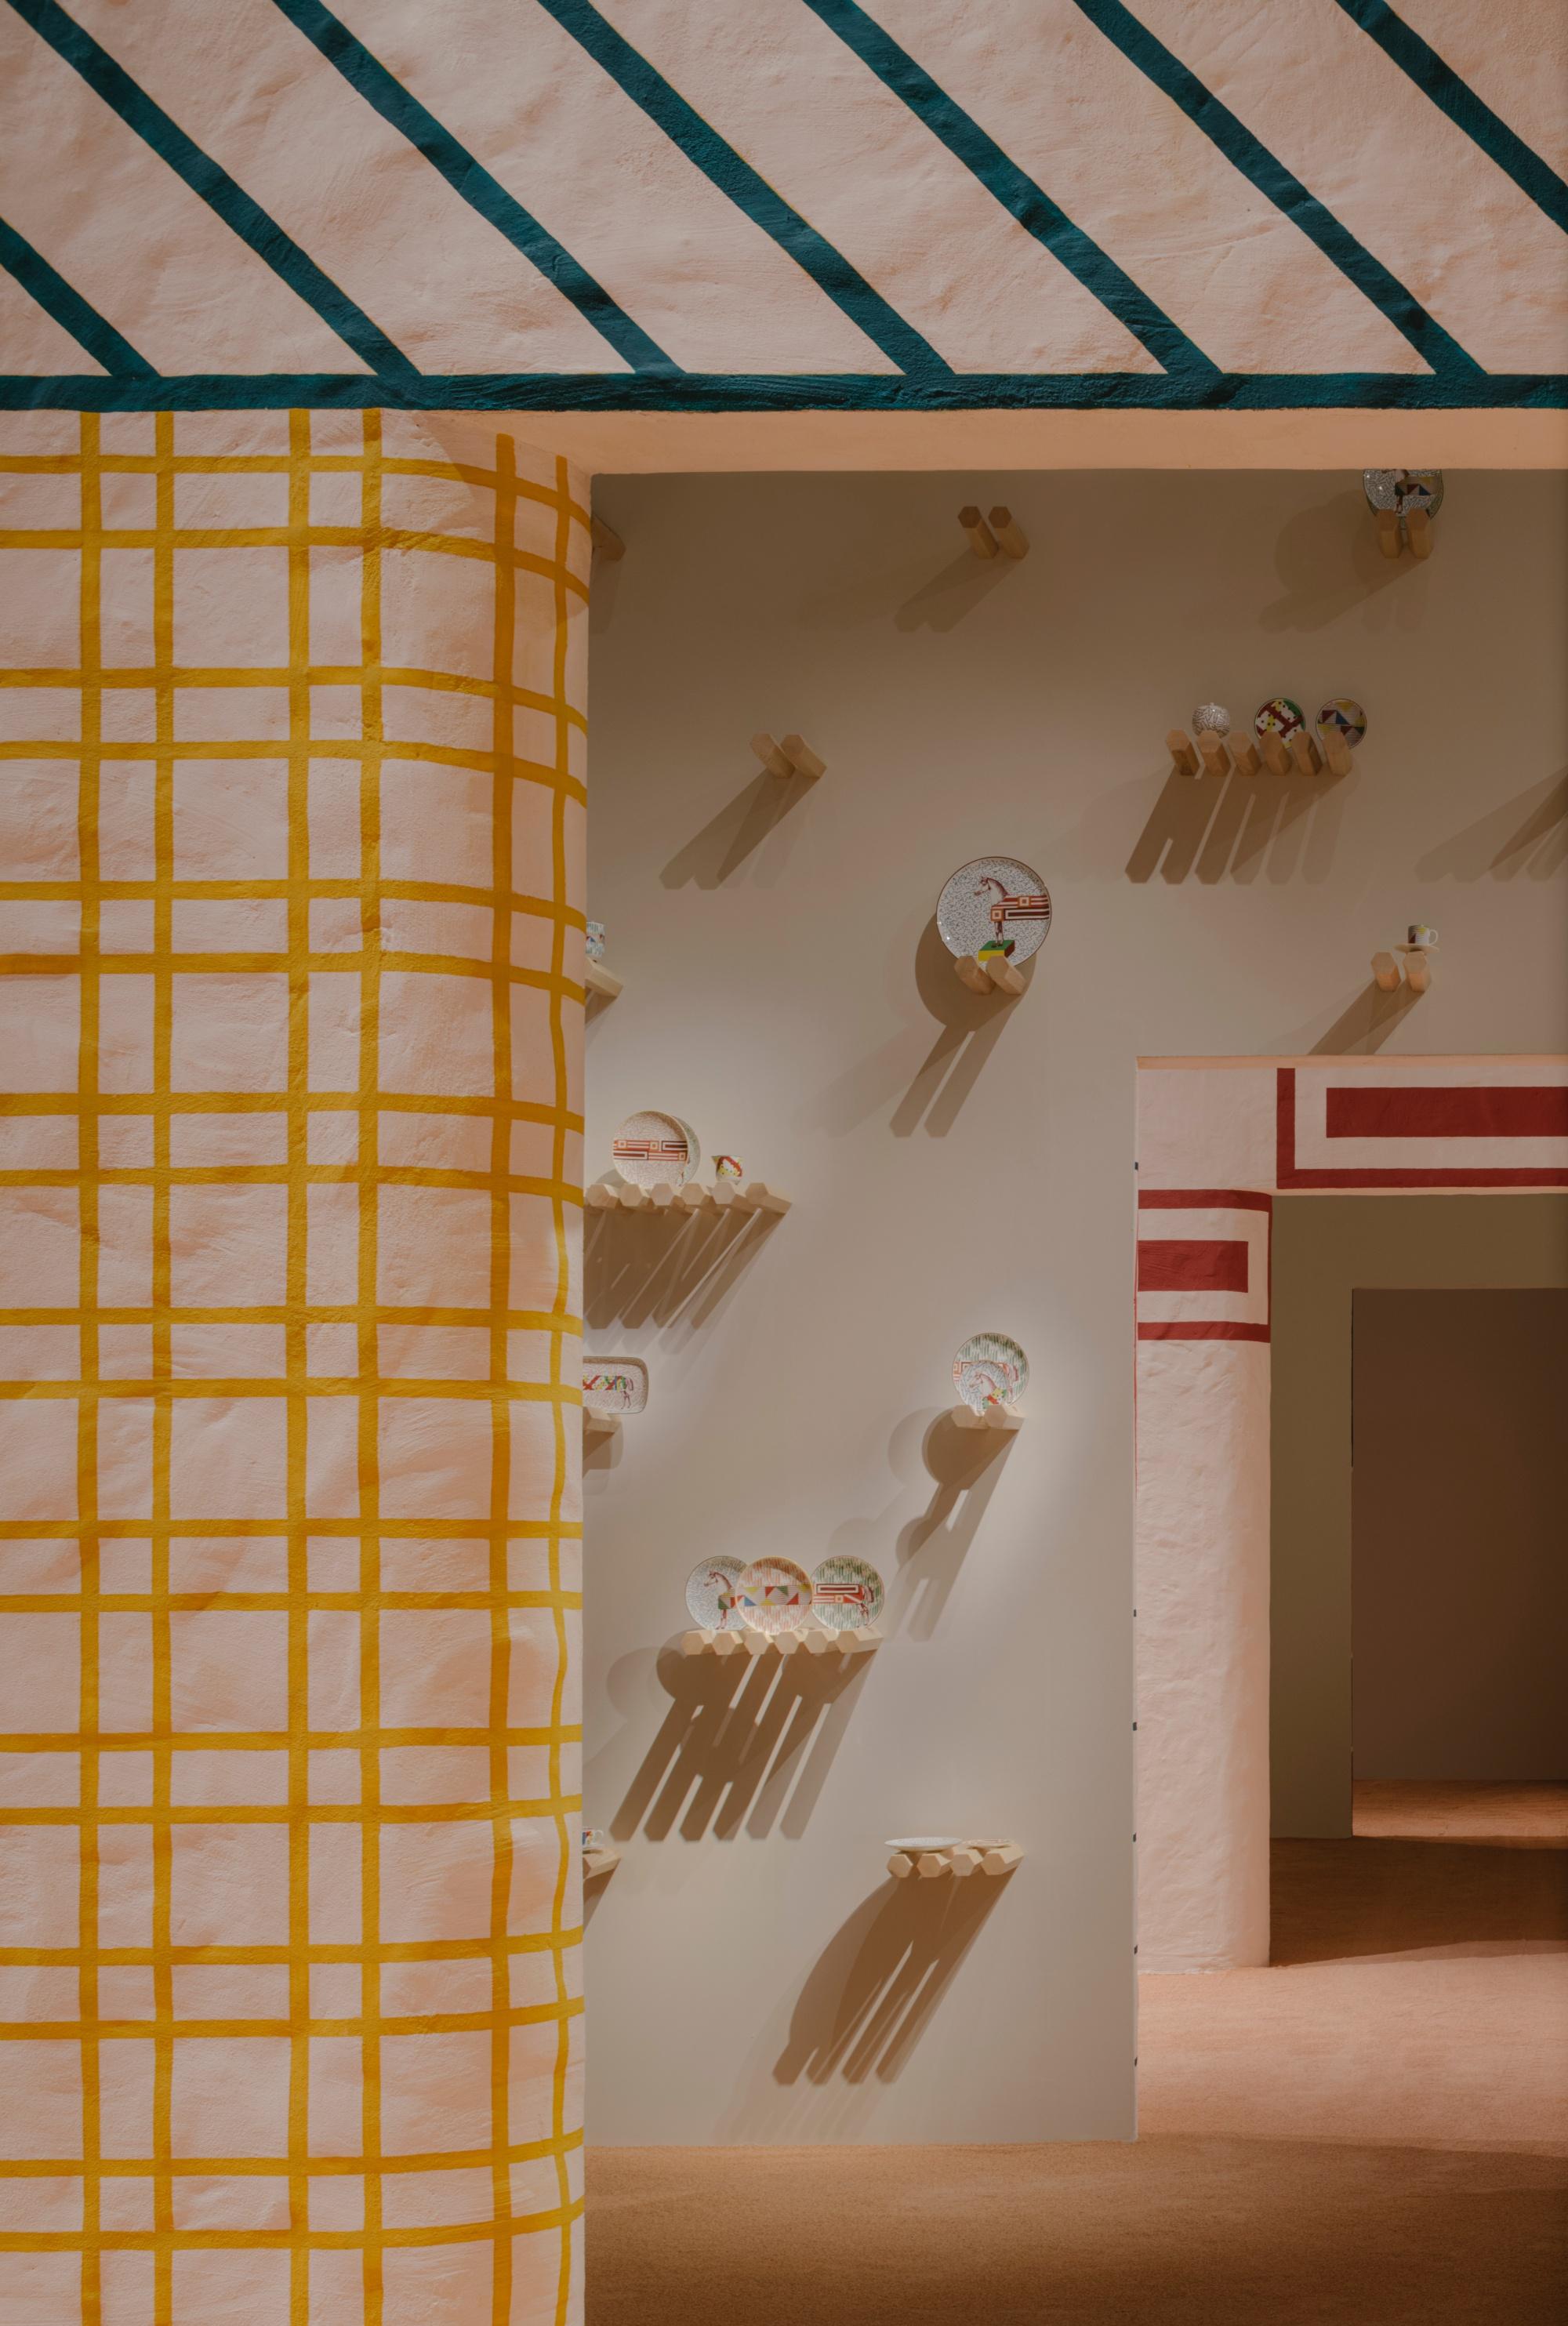 Bộ chén uống trà Hippomobile do nghệ sĩ Gianpaolo Pagni sáng tạo, dựa trên cảm hứng thảm lụa trải trên lưng ngựa đua, nhấn vào đường nét minh họa trong các phim hoạt hình. Một chú ngựa với phần lưng dài cho nhiều người cưỡi như trong phim hoạt hình của Tex Avery - Gianpaolo Pagni giải thích.